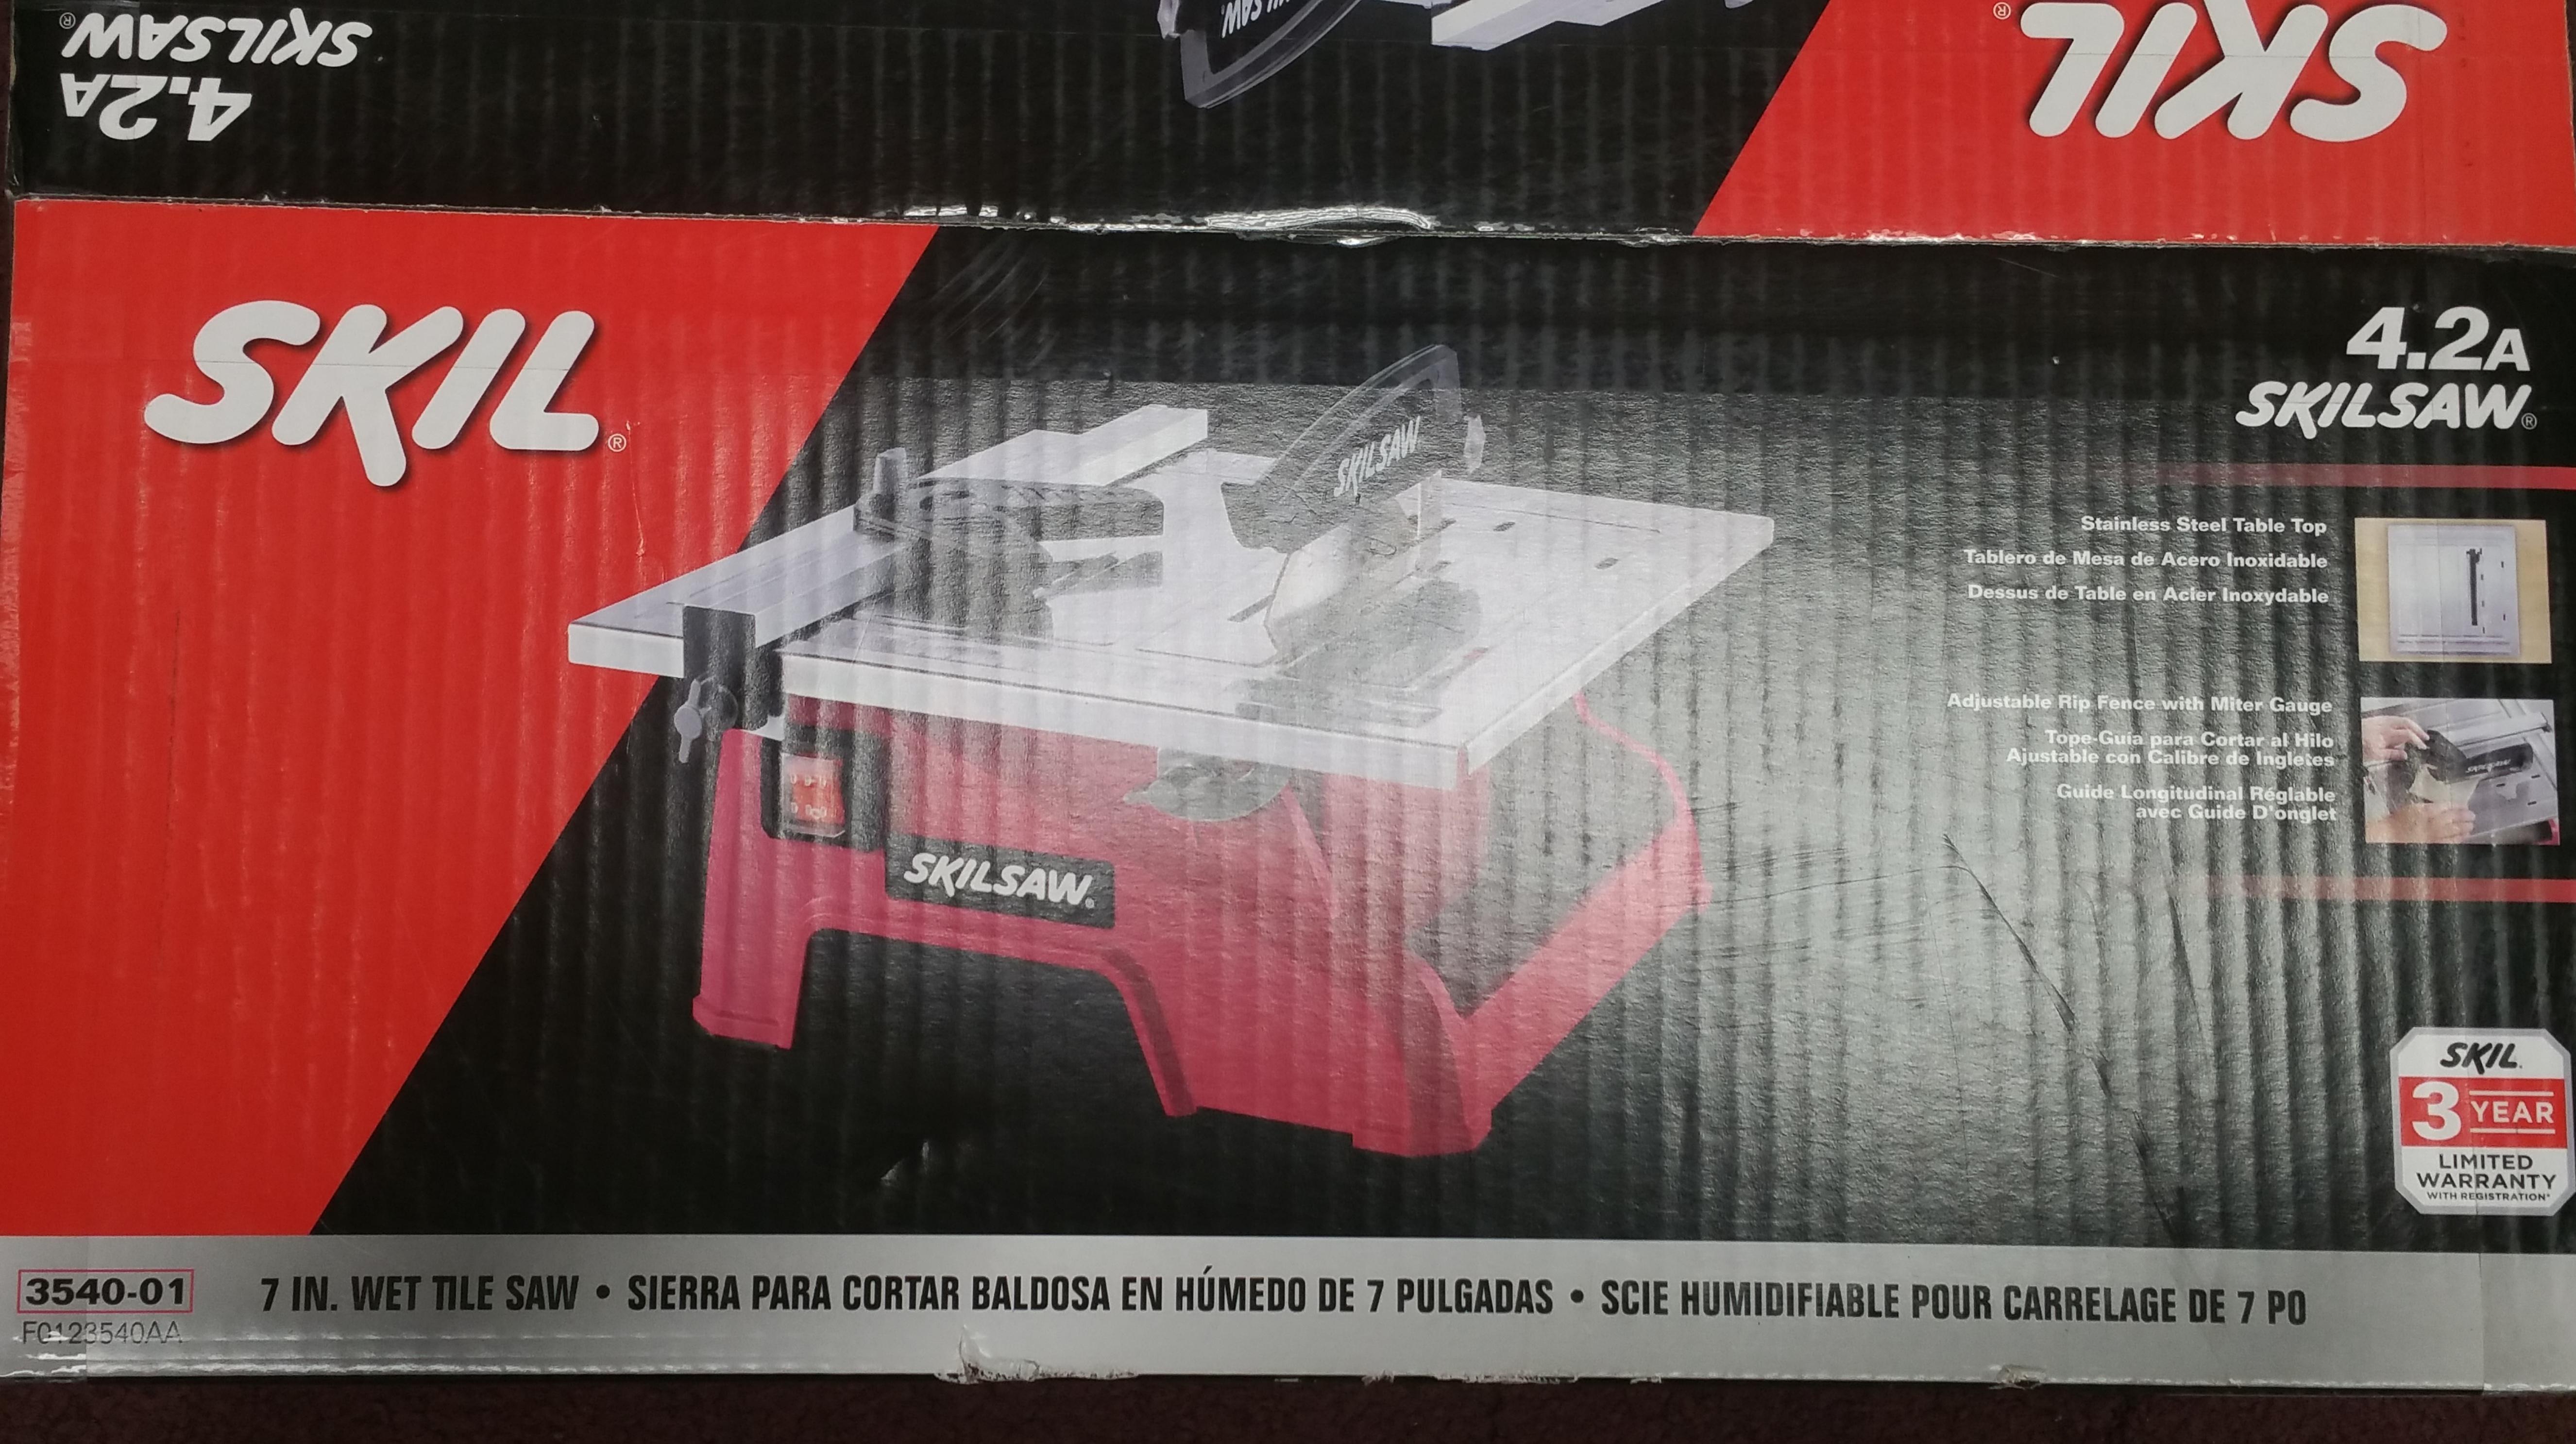 SKIL - 3540-01 - TOOLS